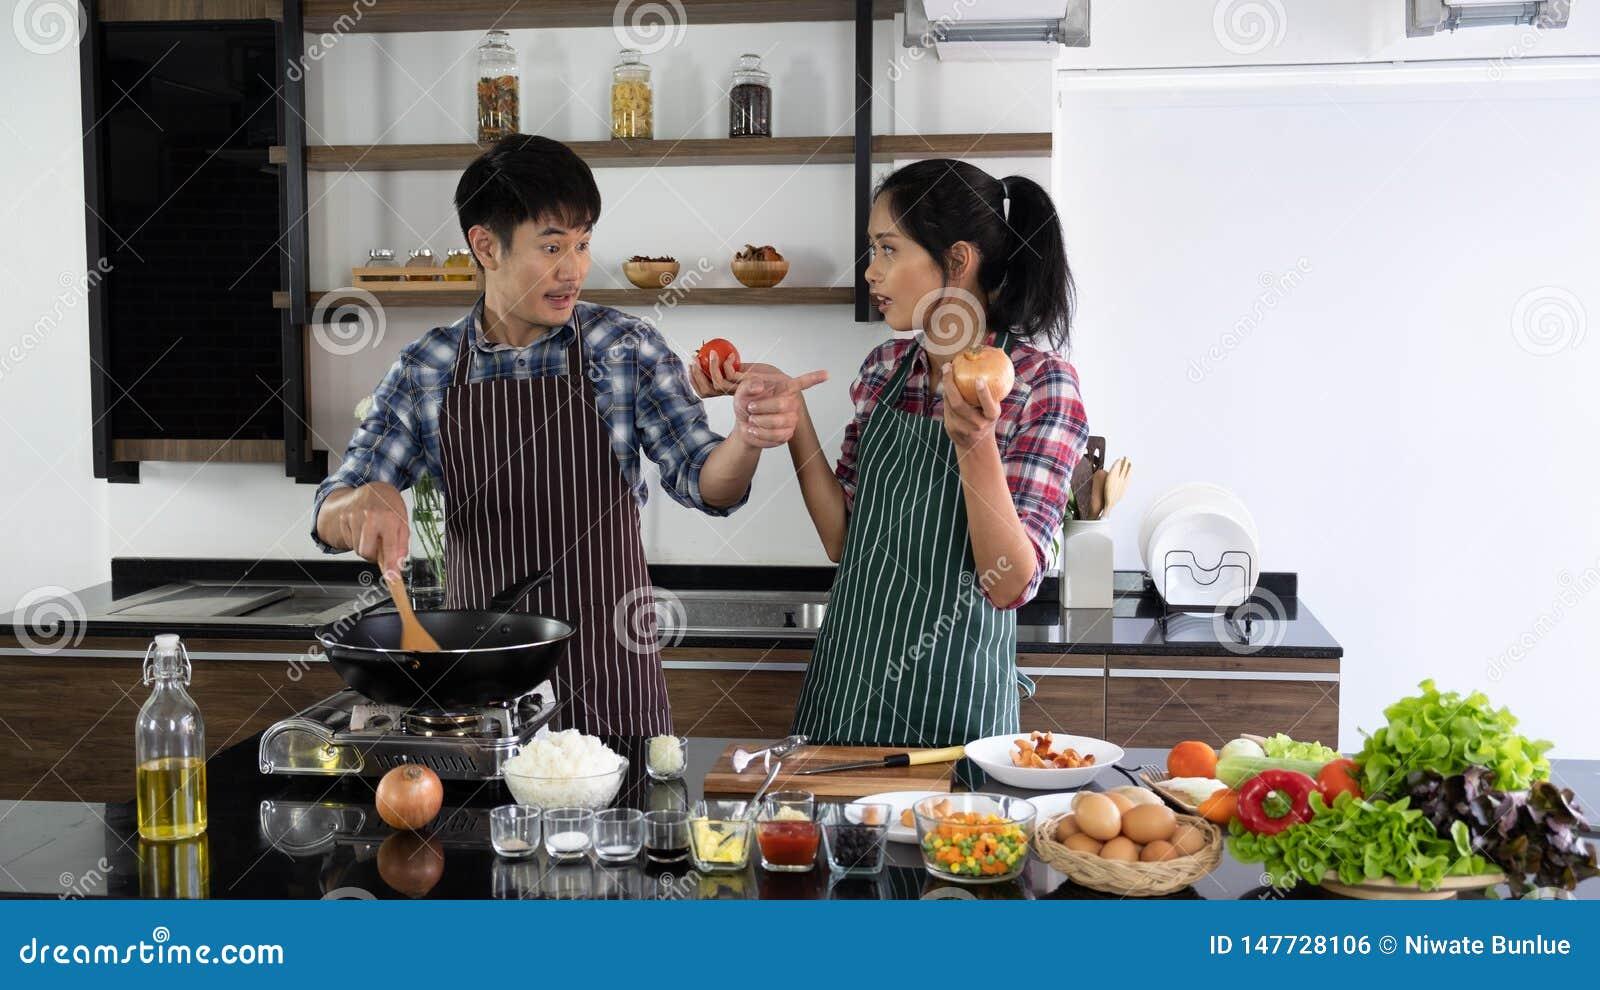 Het jonge Aziatische paar is gelukkig samen te koken, helpen twee families elkaar voorbereidingen treffen om in de keuken te koke